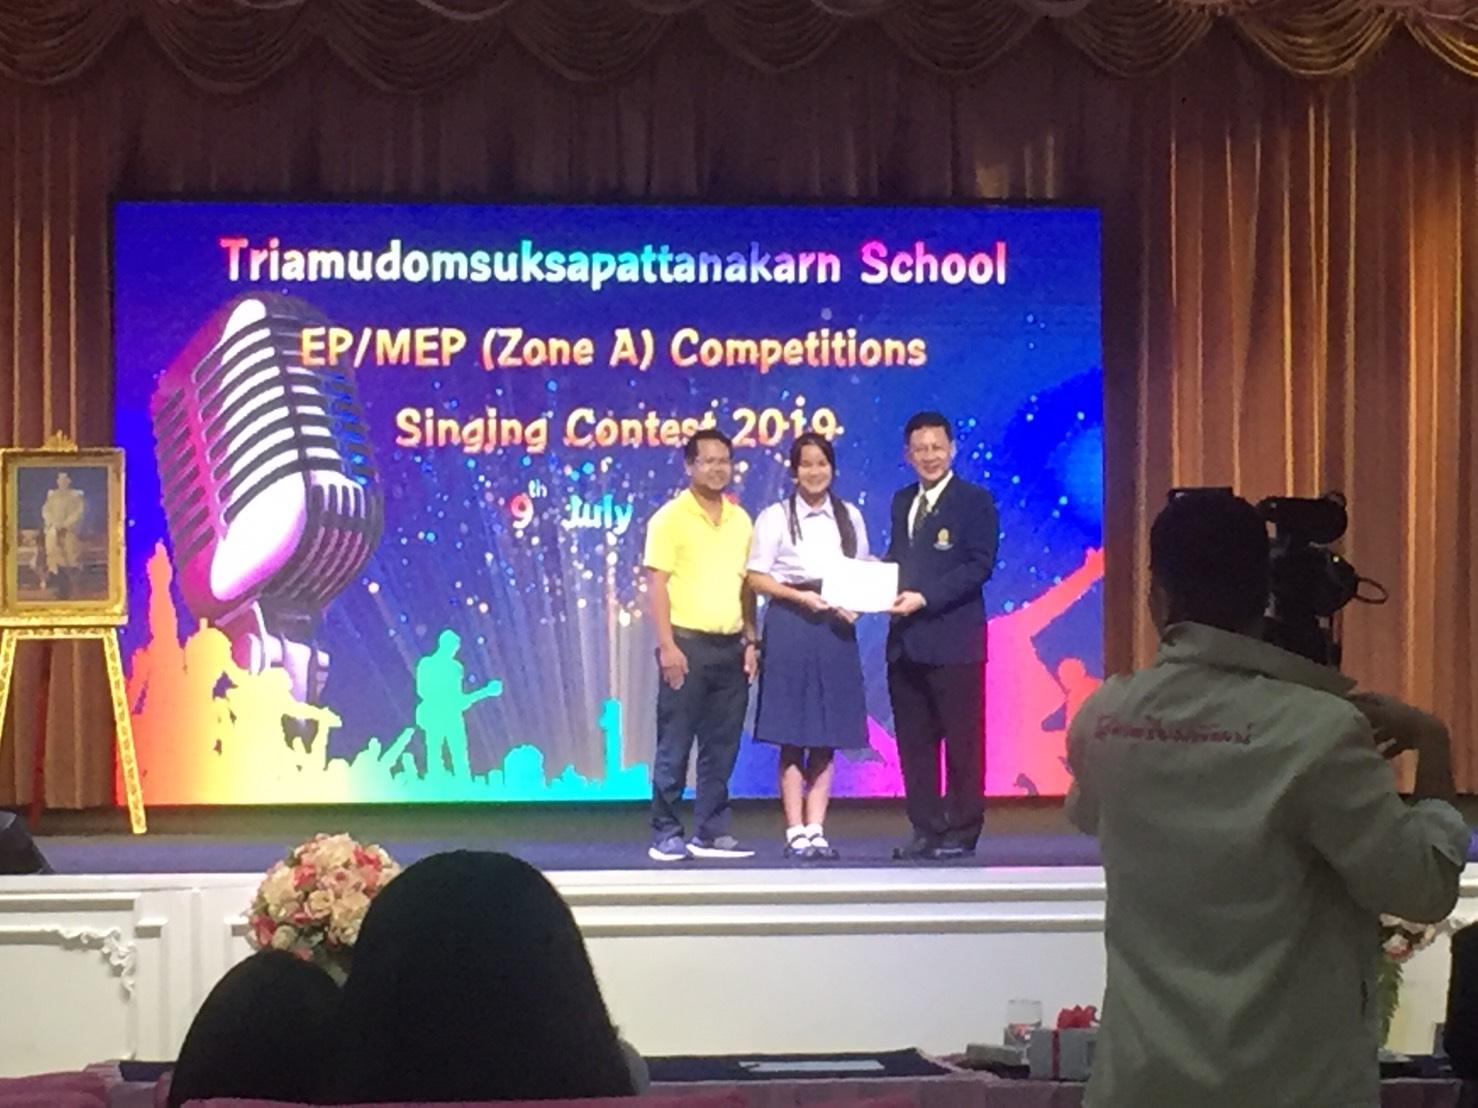 นางสาวธัญชนก ทวีปัญญาภรณ์(เพิร์ล) นักเรียนชั้นมัธยมศึกษาปีที่ 6/5  ชนะเลิศการแข่งขัน EP/MEP (Zone A) Competitions Singing Contest 2019 ได้อันดับที่ 1